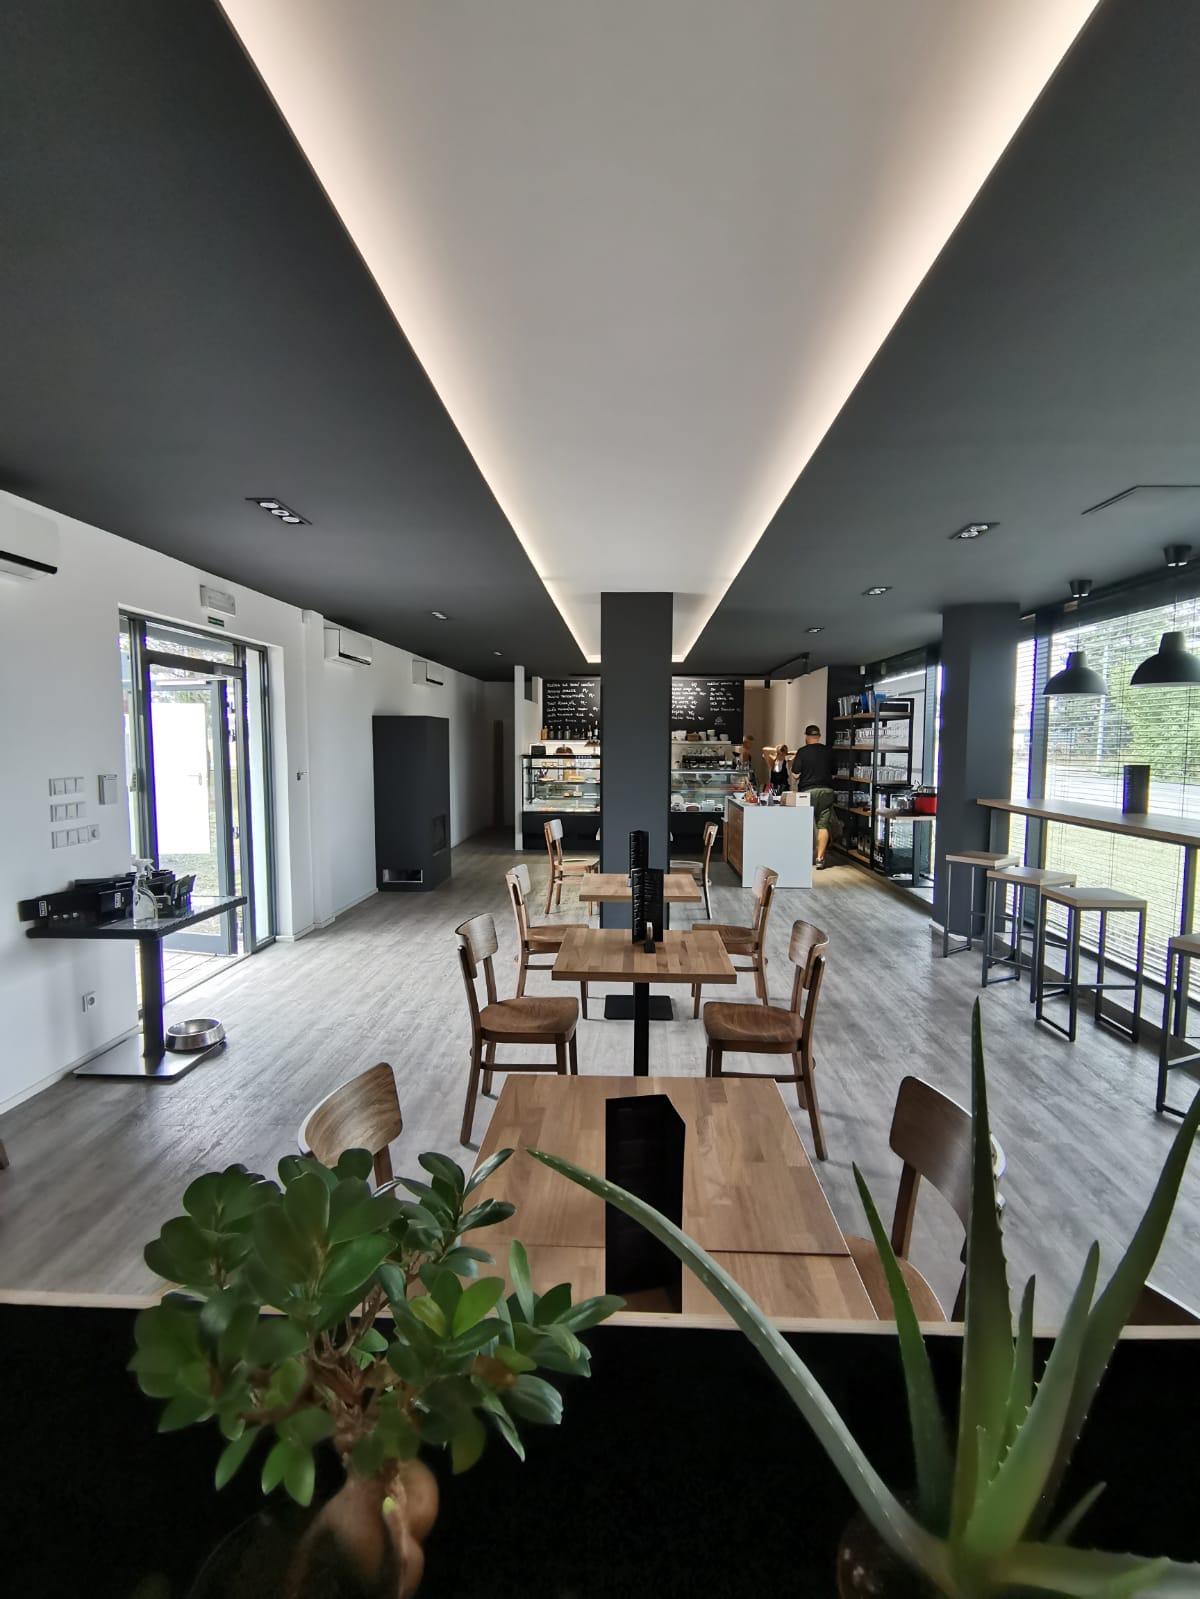 Vybavili jsme novou kavárnu BLOCK-cafe v Uhříněvsi